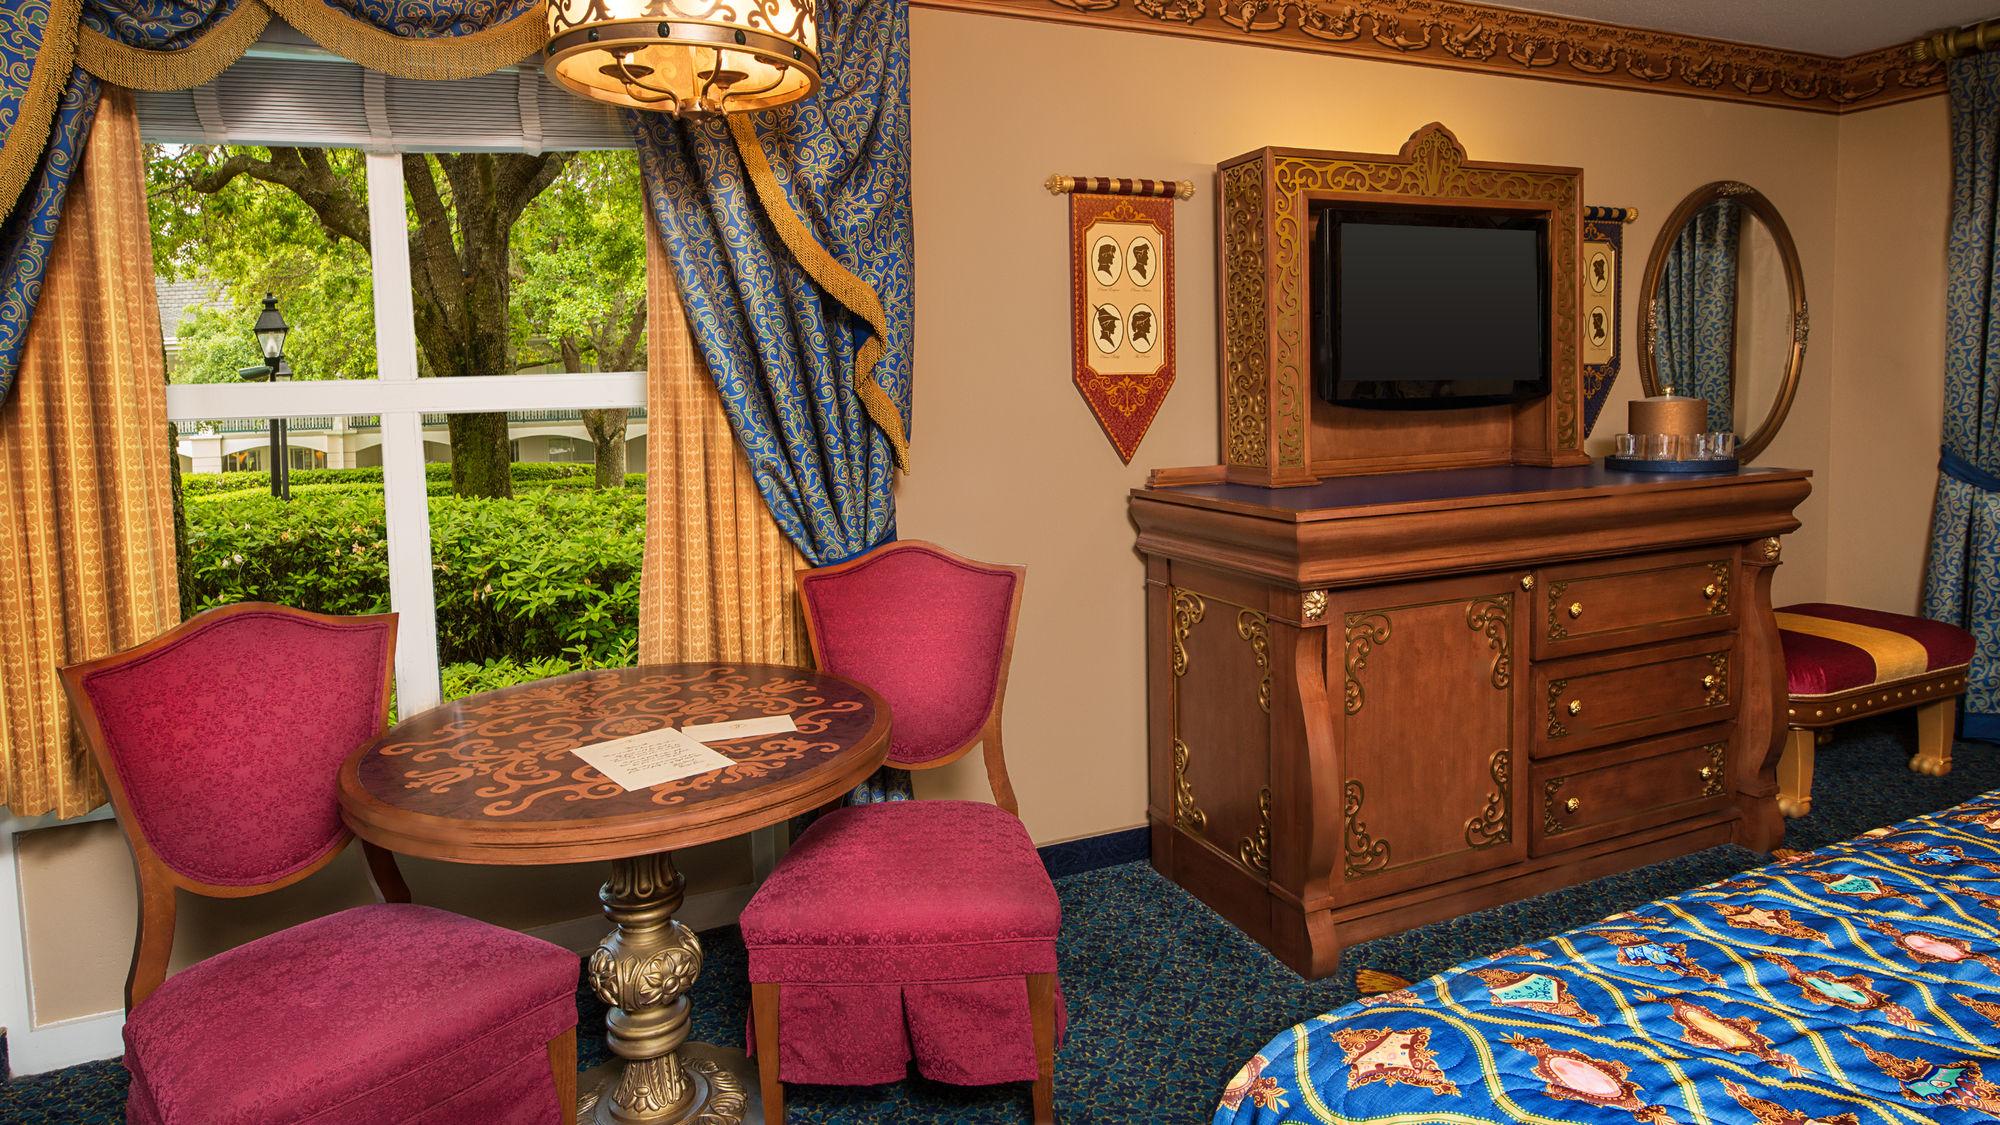 Orlando Hotel Coupons for Orlando, Florida - FreeHotelCoupons.com